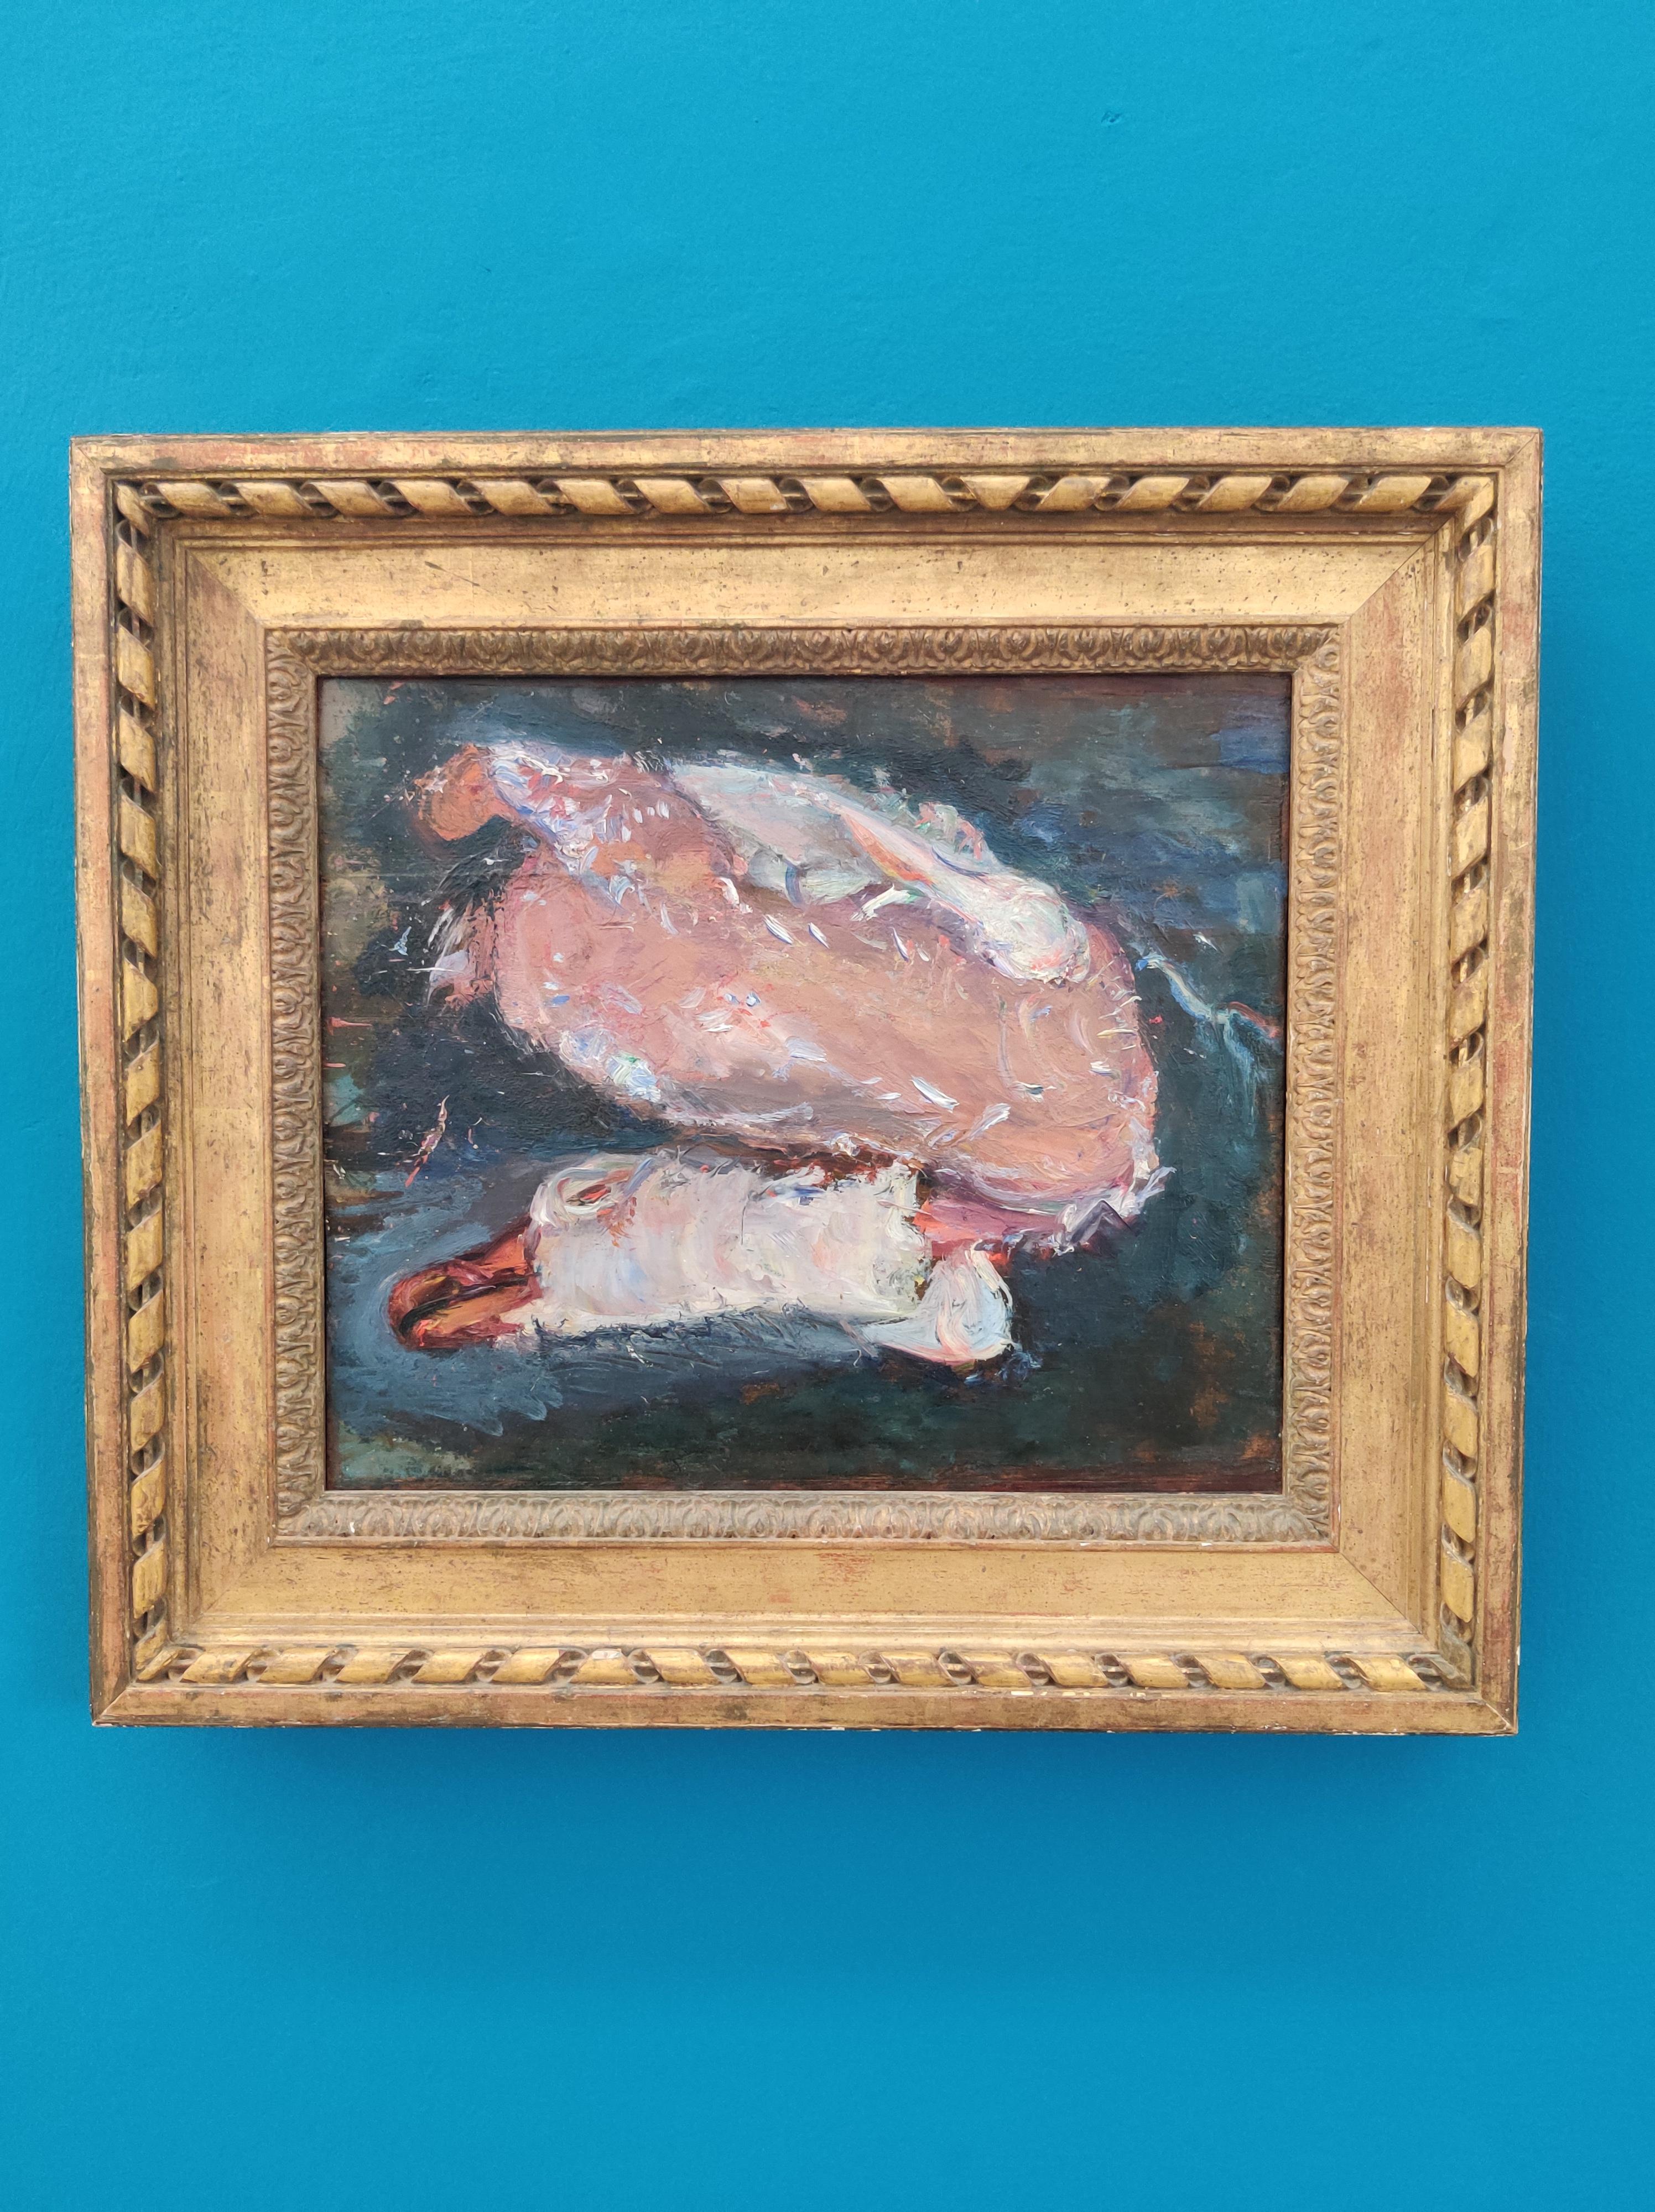 חיים סוטין, אווז מרוט נוצות, 1933 בקירוב, אוסף פרטי.jpg